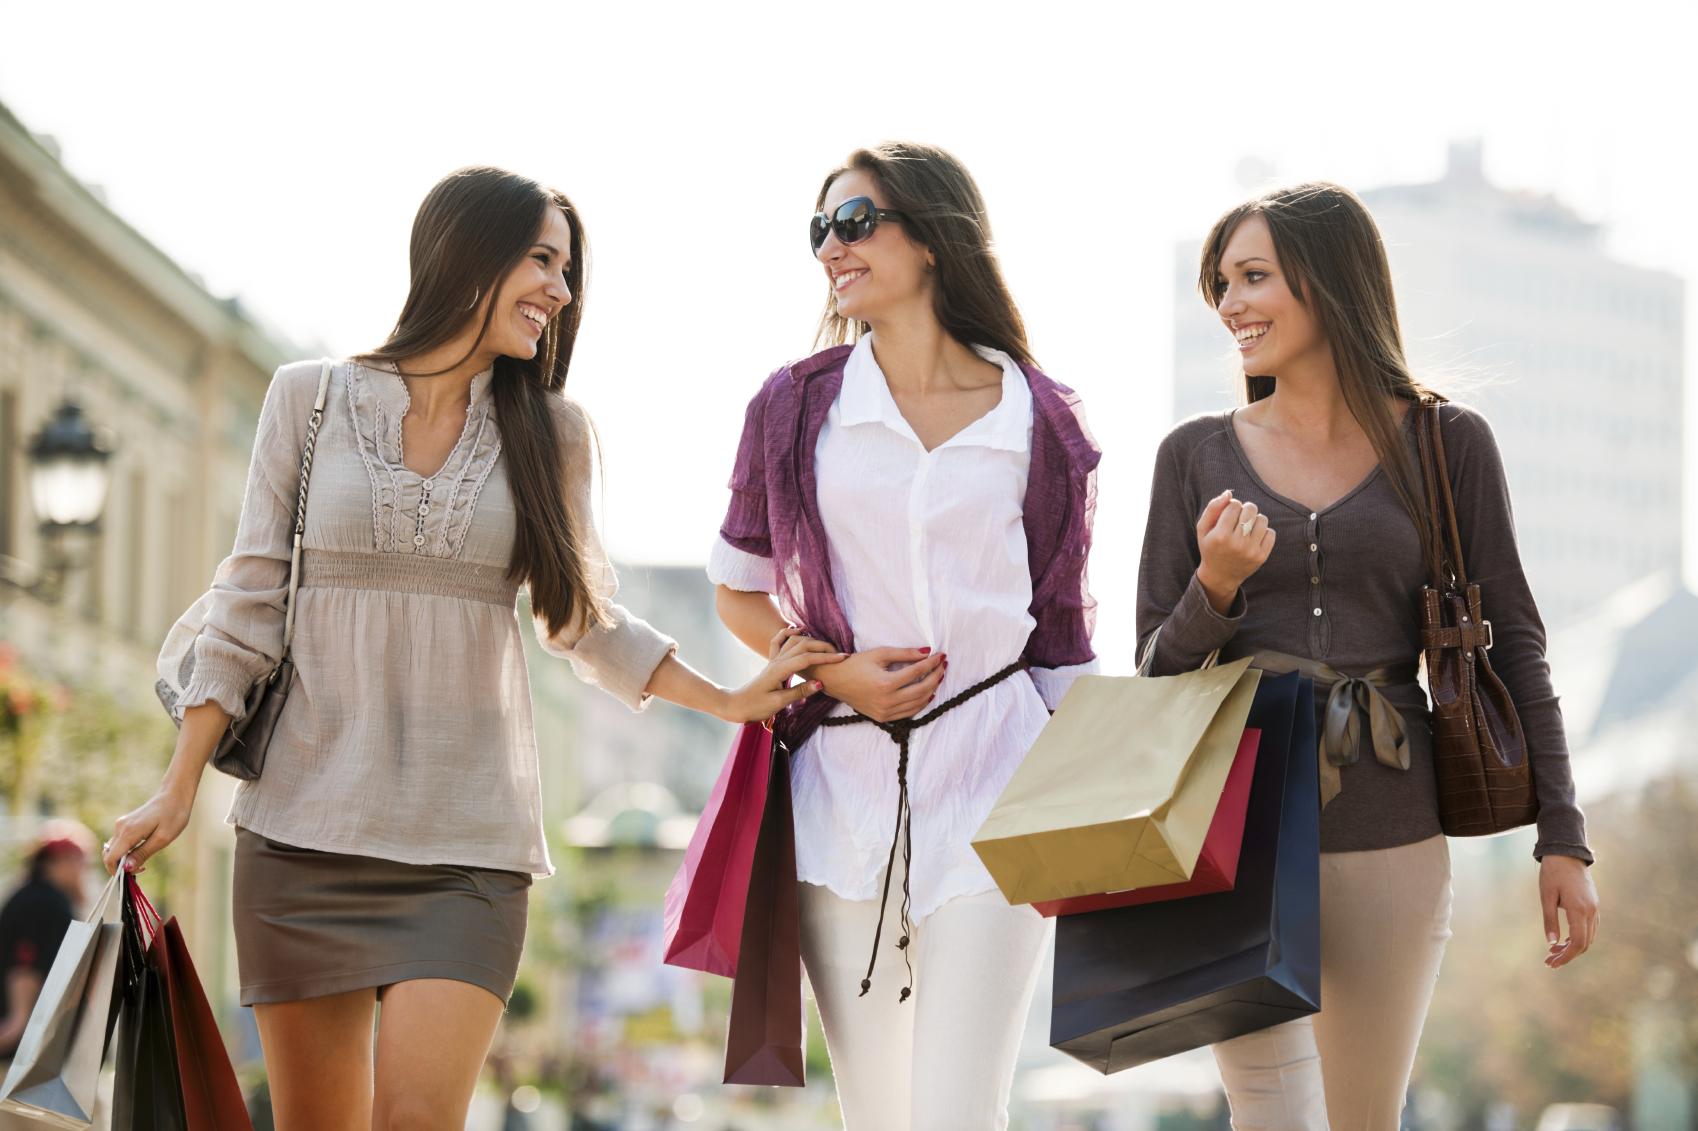 Bucureştiul a intrat pe harta destinaţiilor internaționale de shopping, alături de Dubai, New York şi Milano